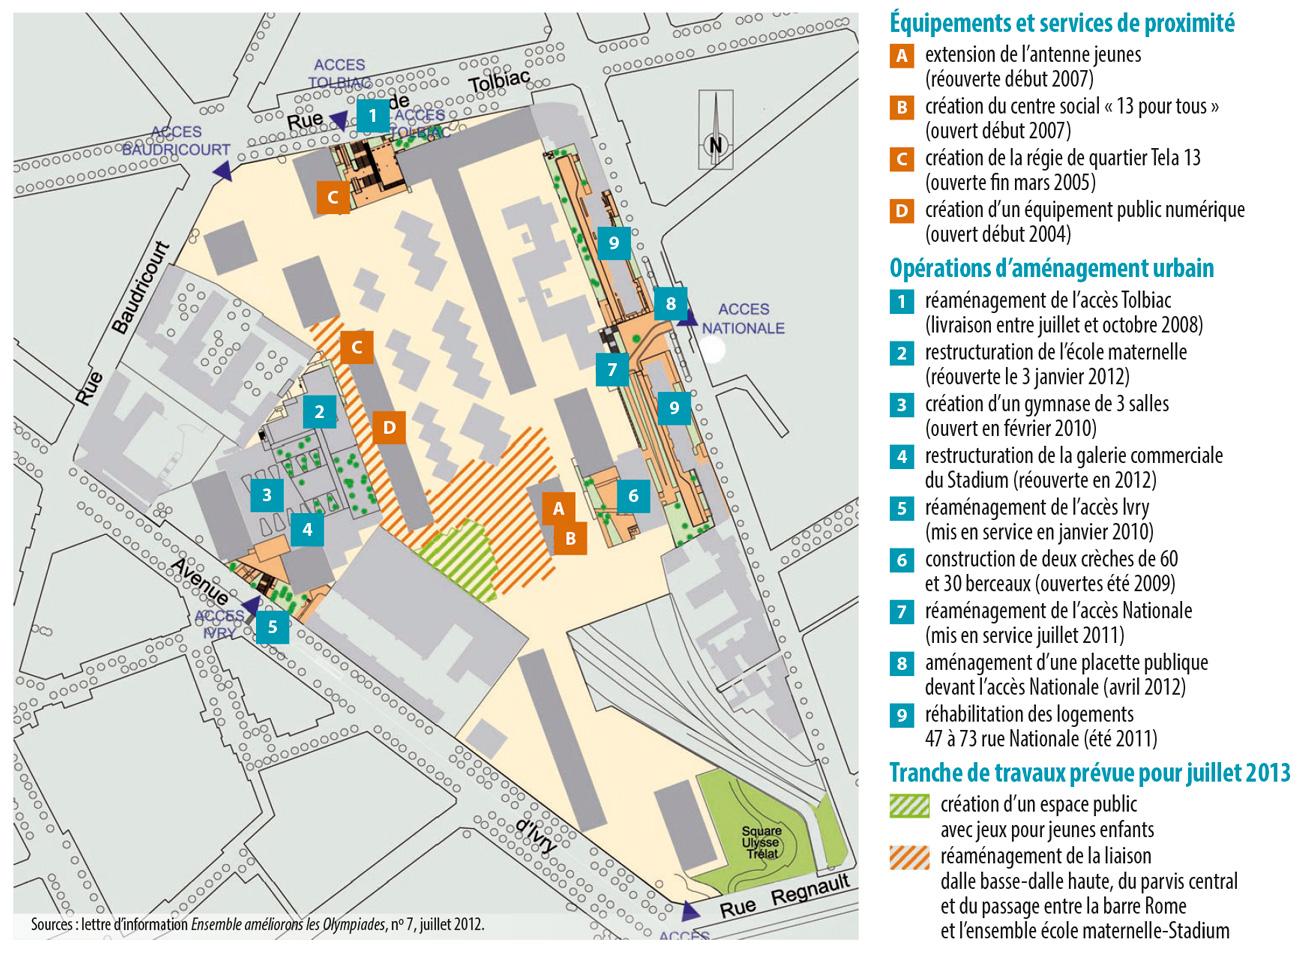 Plan d'aménagement de la Dalle des Olympiades (2012)